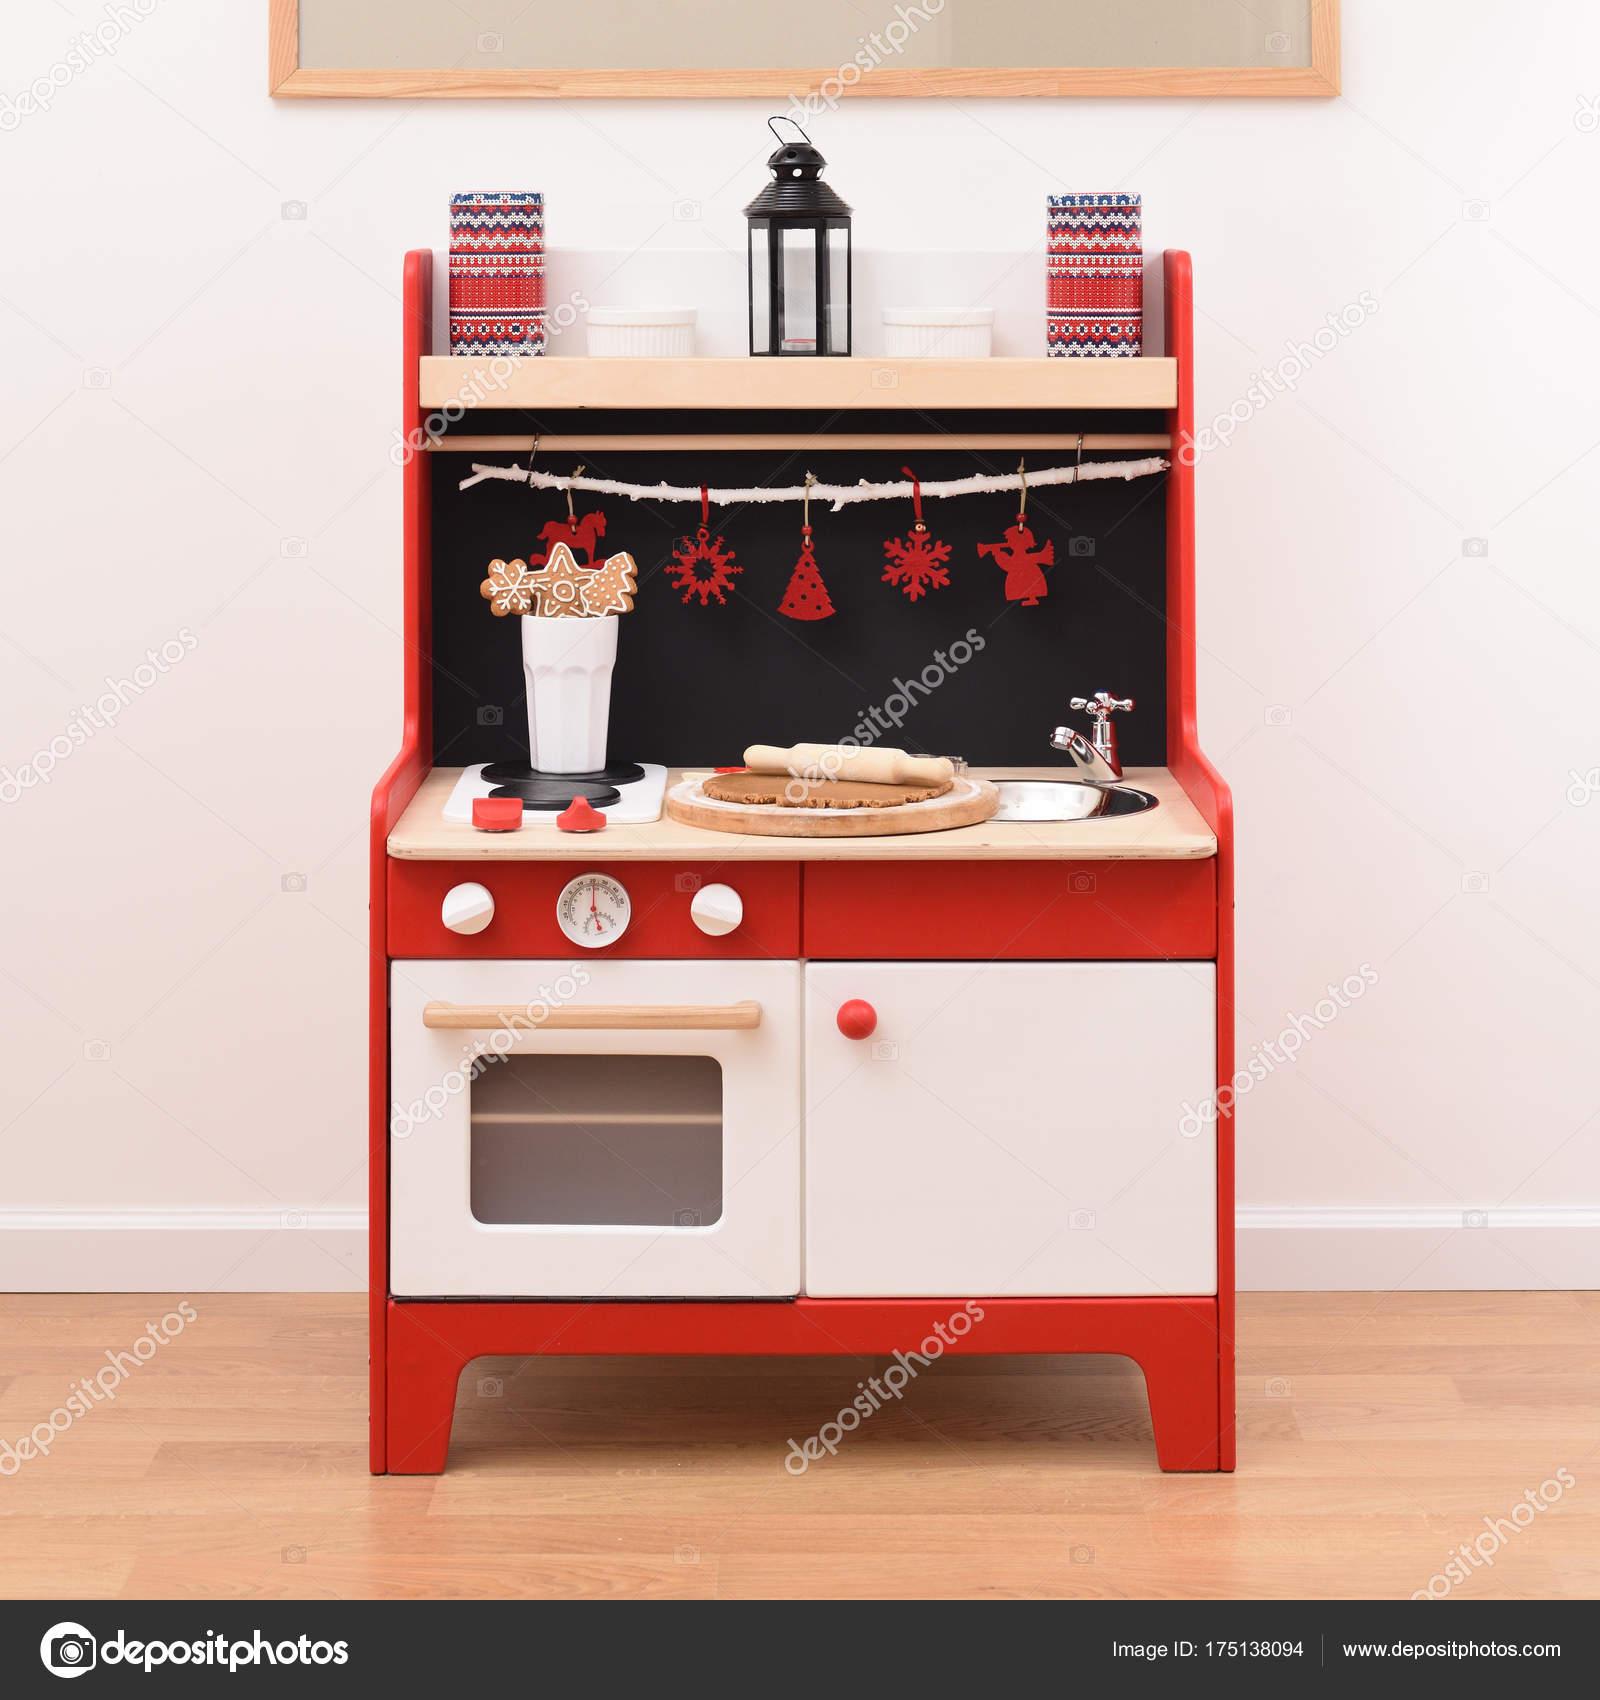 Cucina giocattolo di design pronto per preparare biscotti. Cucina ...